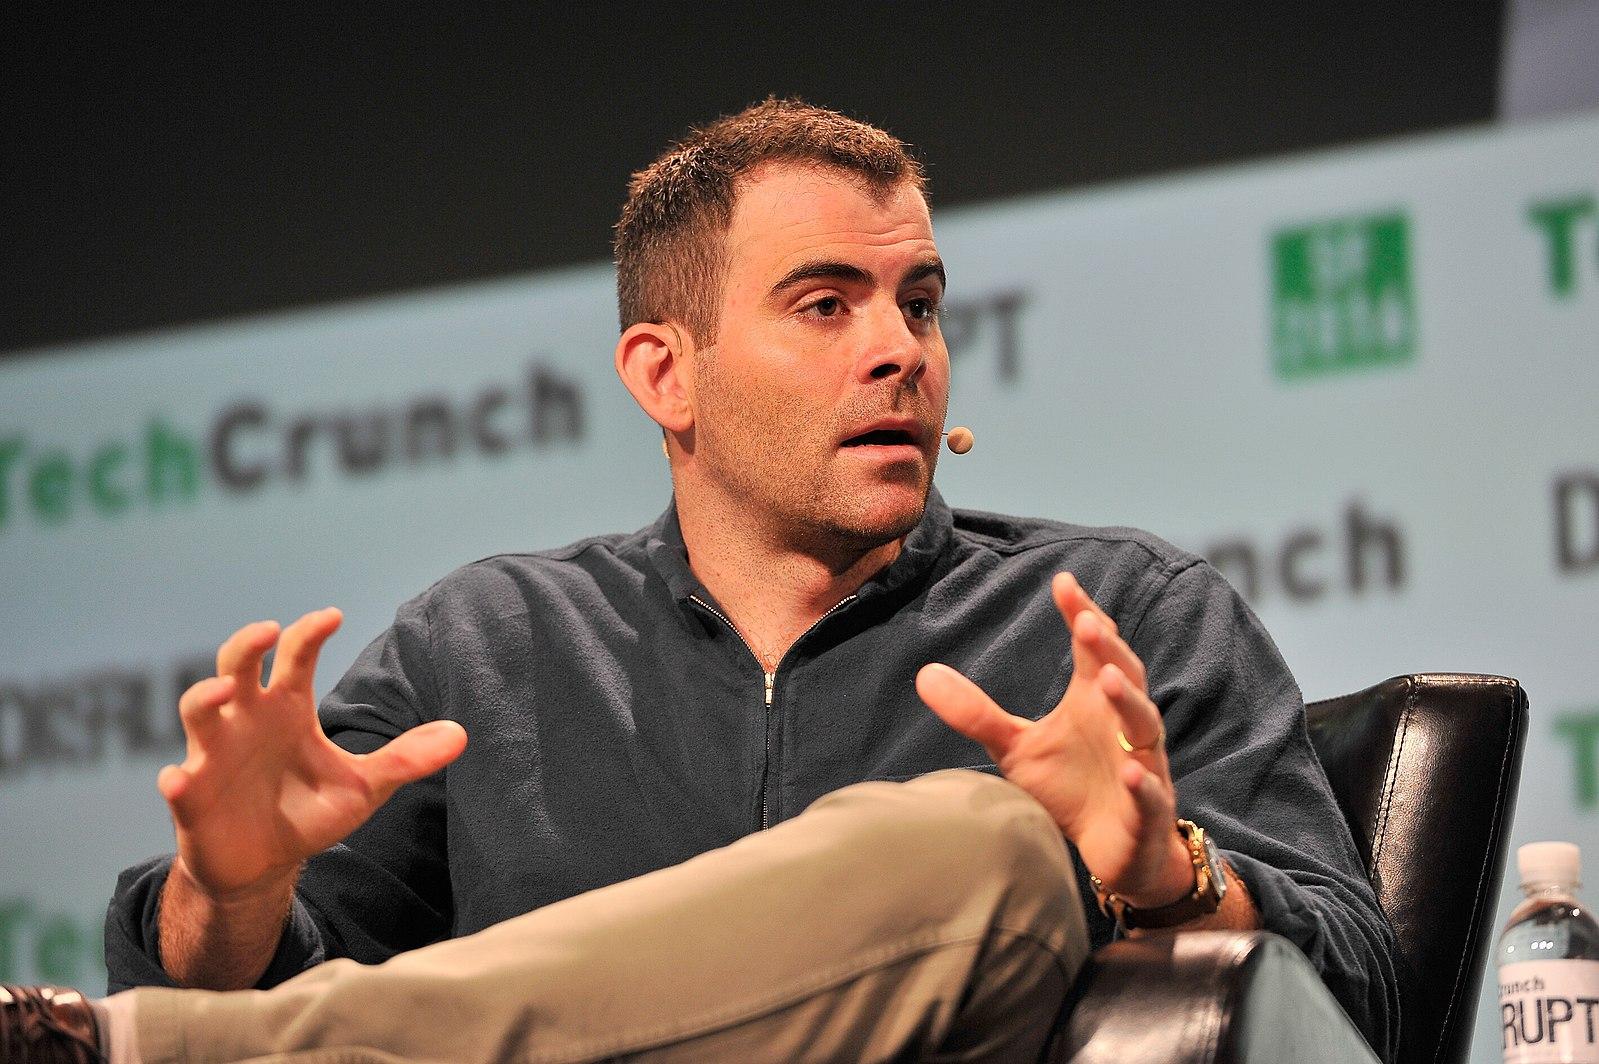 Le PDG d'Instagram gère depuis son garage l'un des plus grands réseaux sociaux du monde